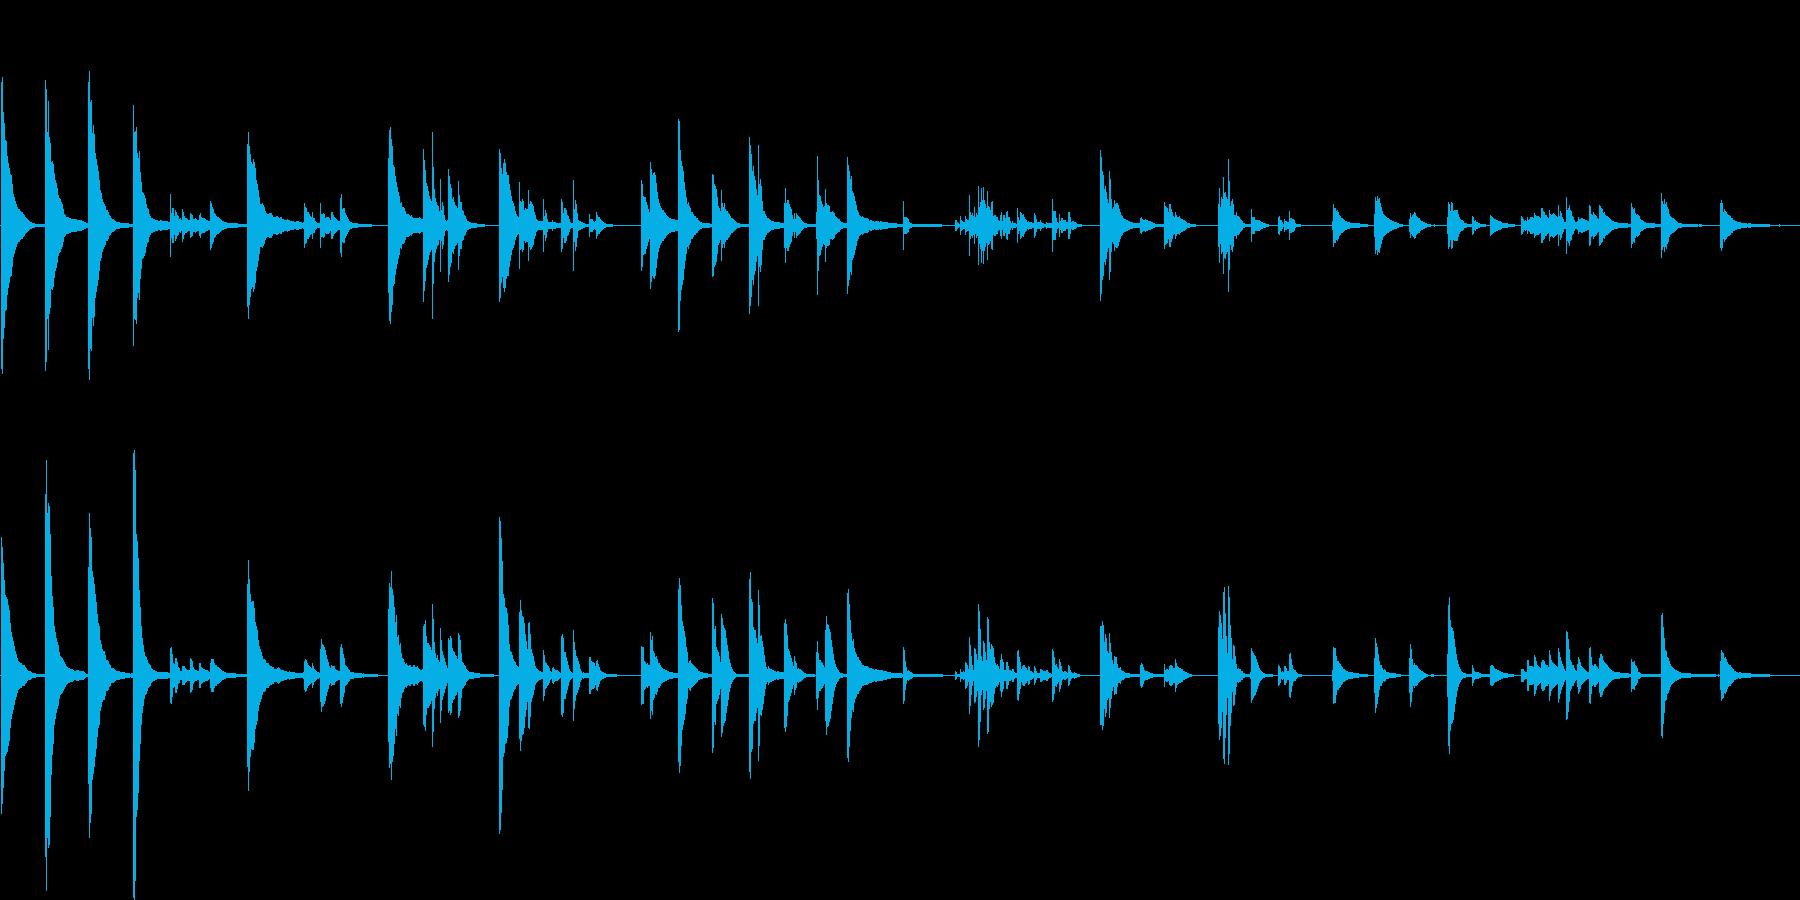 ピアノの柔らかい音色のバラードの再生済みの波形